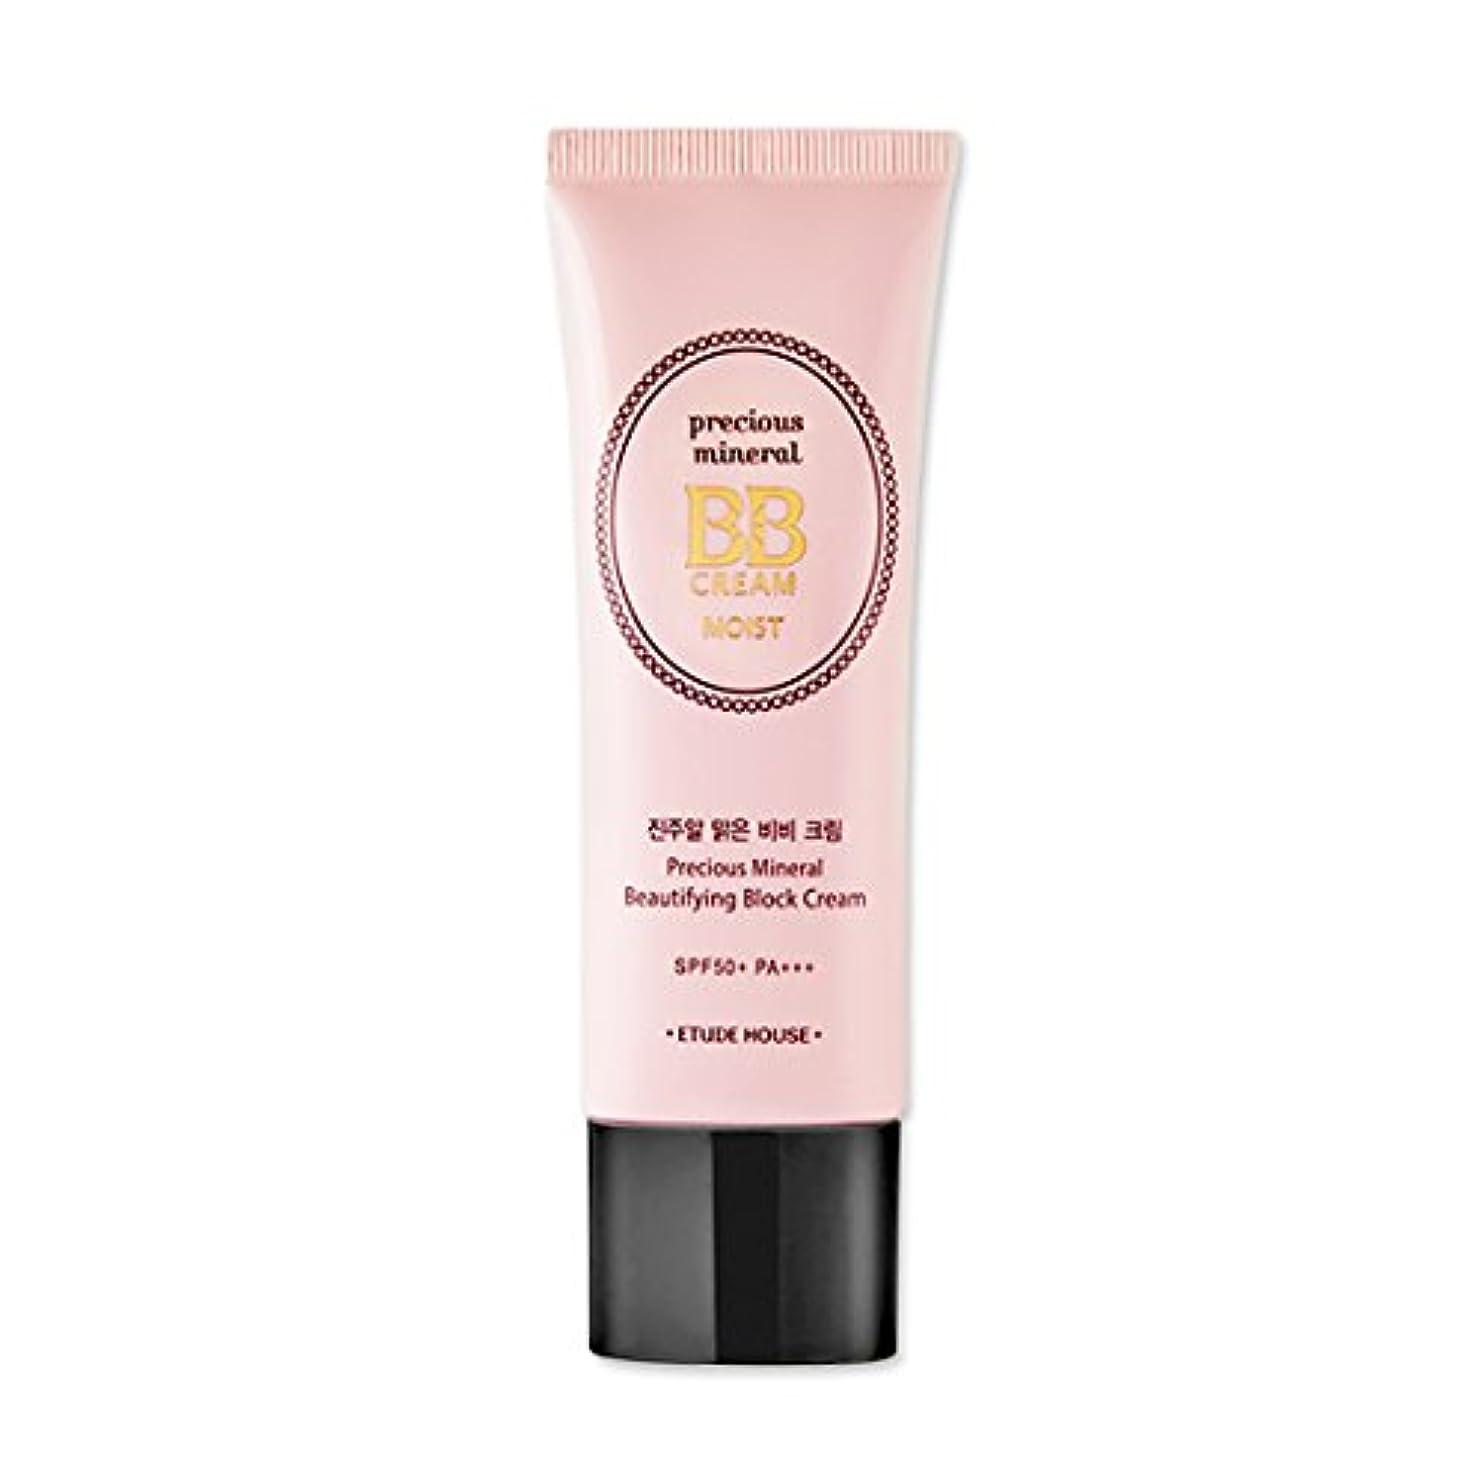 広々としたかもめパンフレット[New] ETUDE HOUSE Precious Mineral BB Cream * Moist * 45g/エチュードハウス プレシャス ミネラル BBクリーム * モイスト * 45g (#Beige) [並行輸入品]